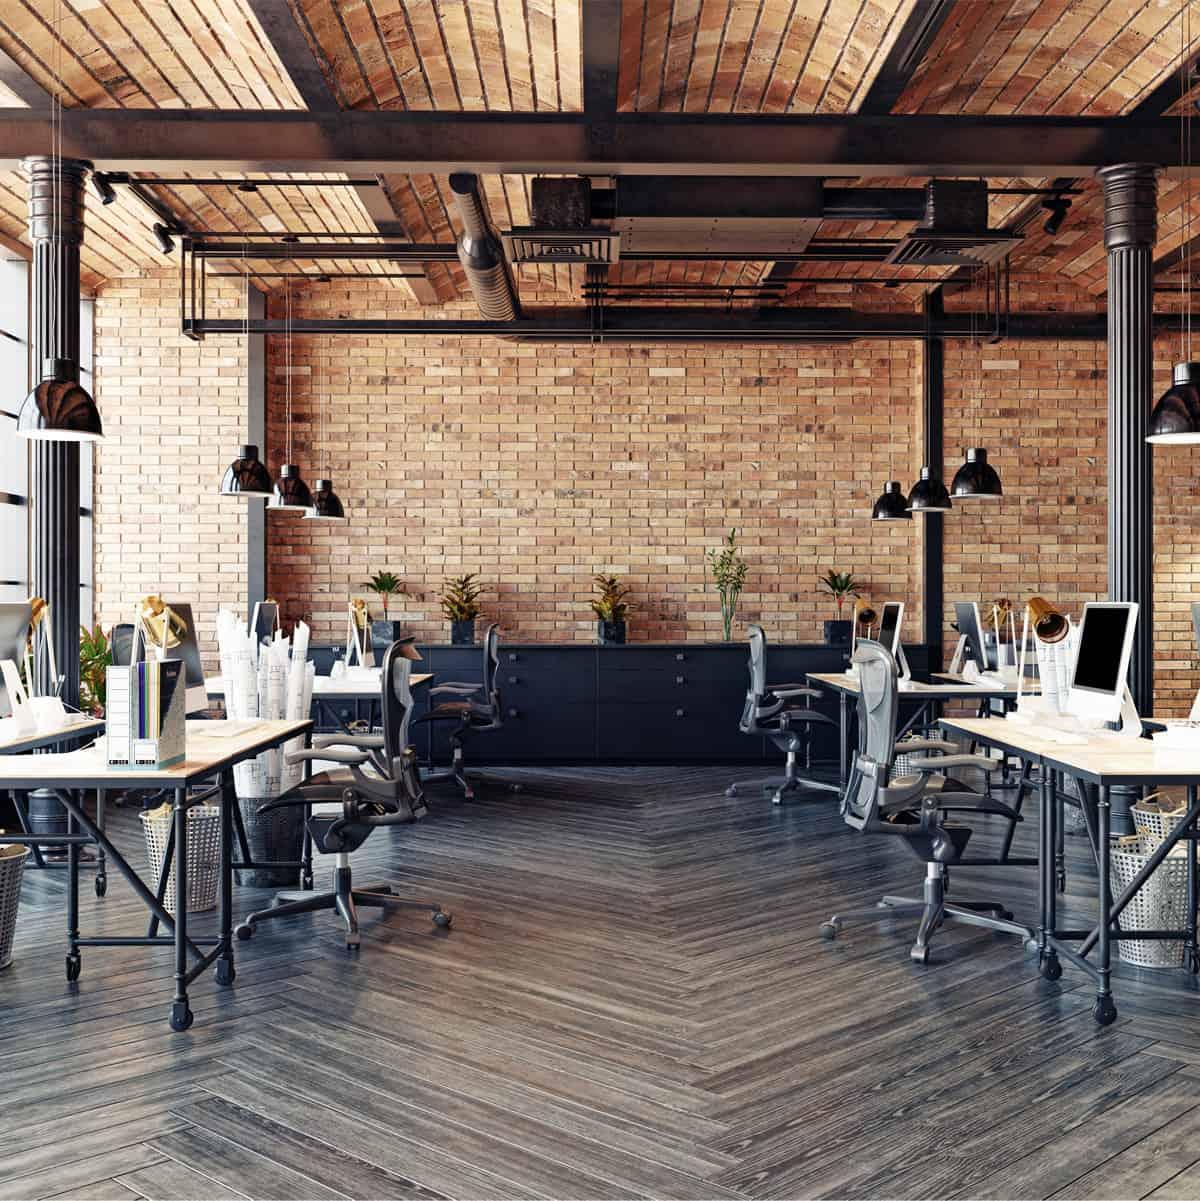 Office Space zur Untervermietung bei shareDnC